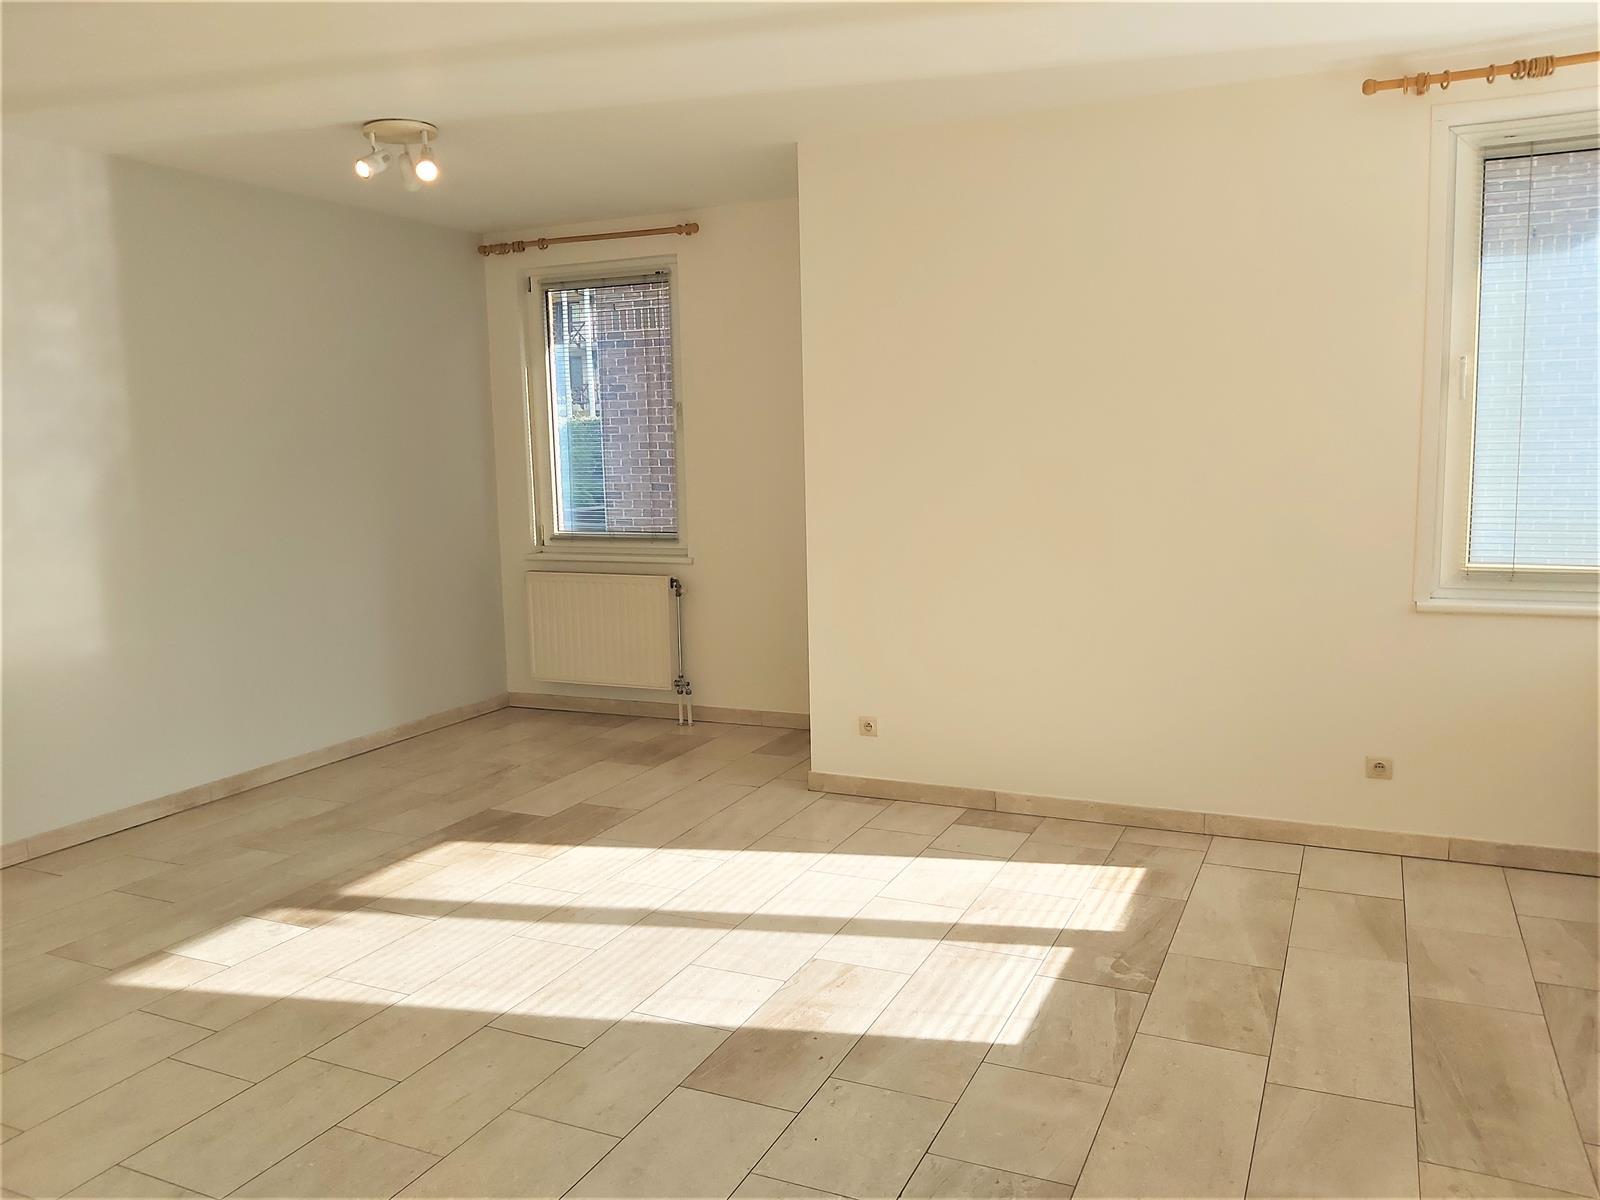 Appartement - Ottignies-Louvain-la-Neuve - #4498228-2